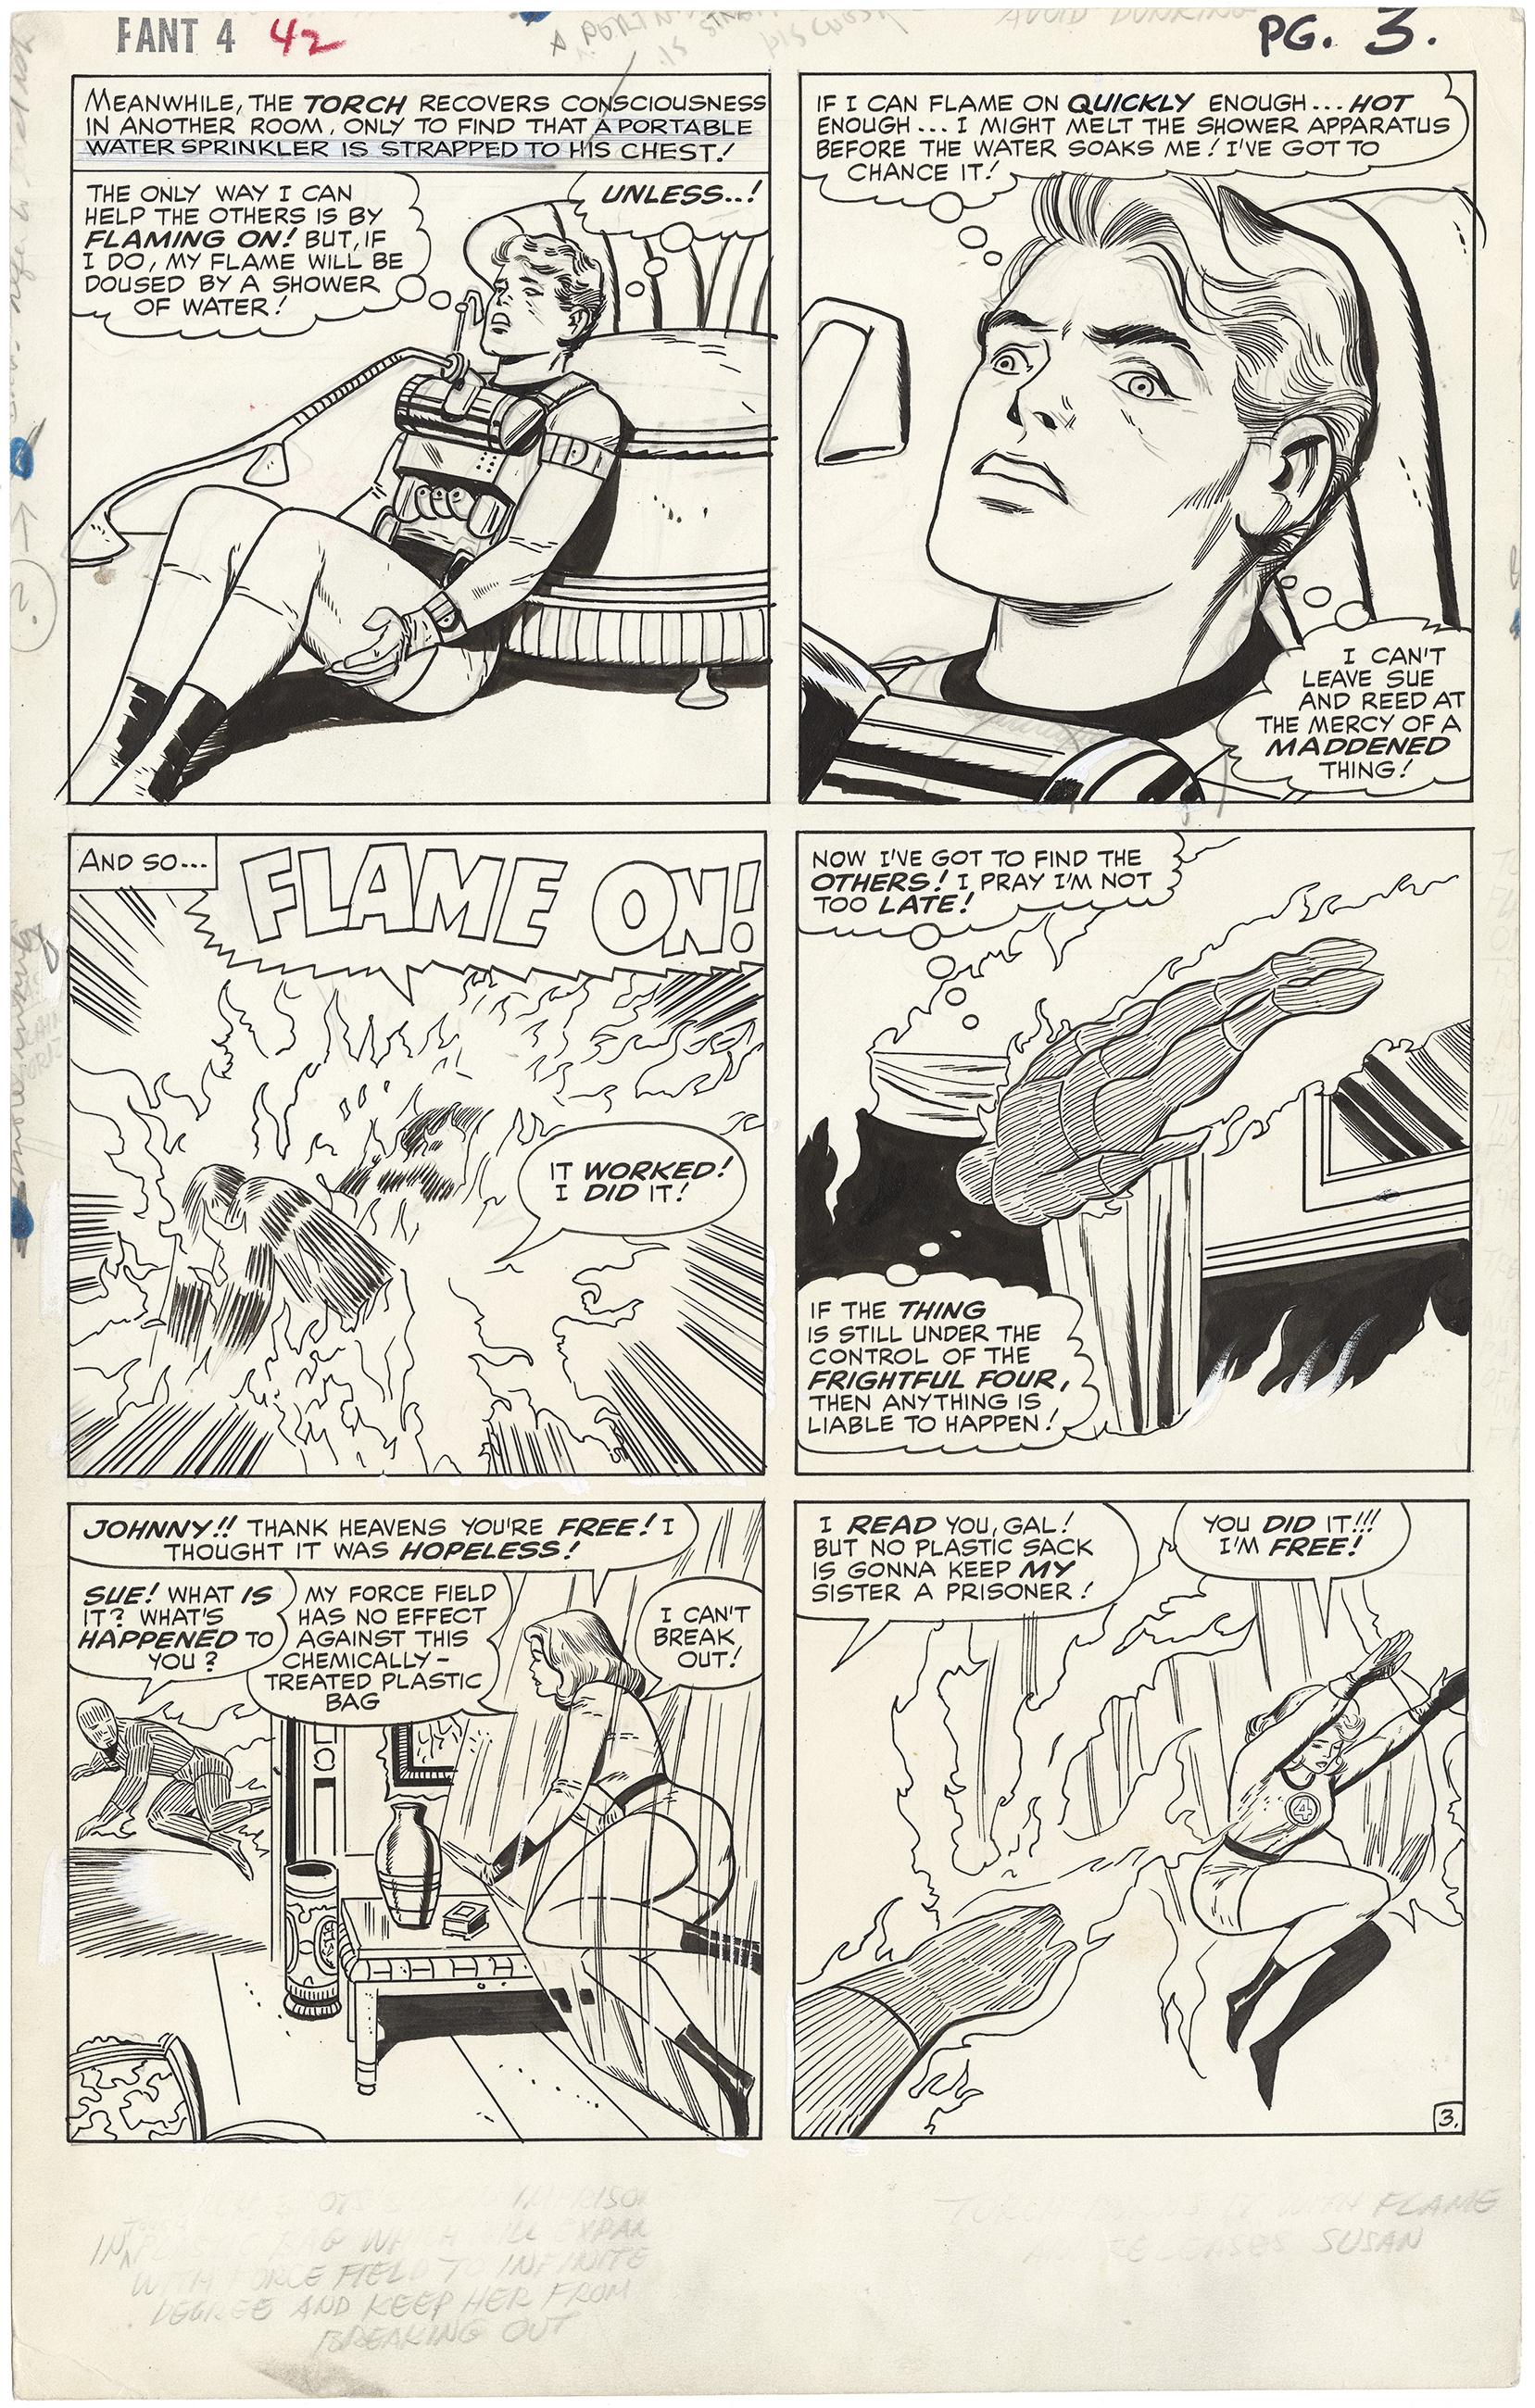 Fantastic Four Issue #42 p3